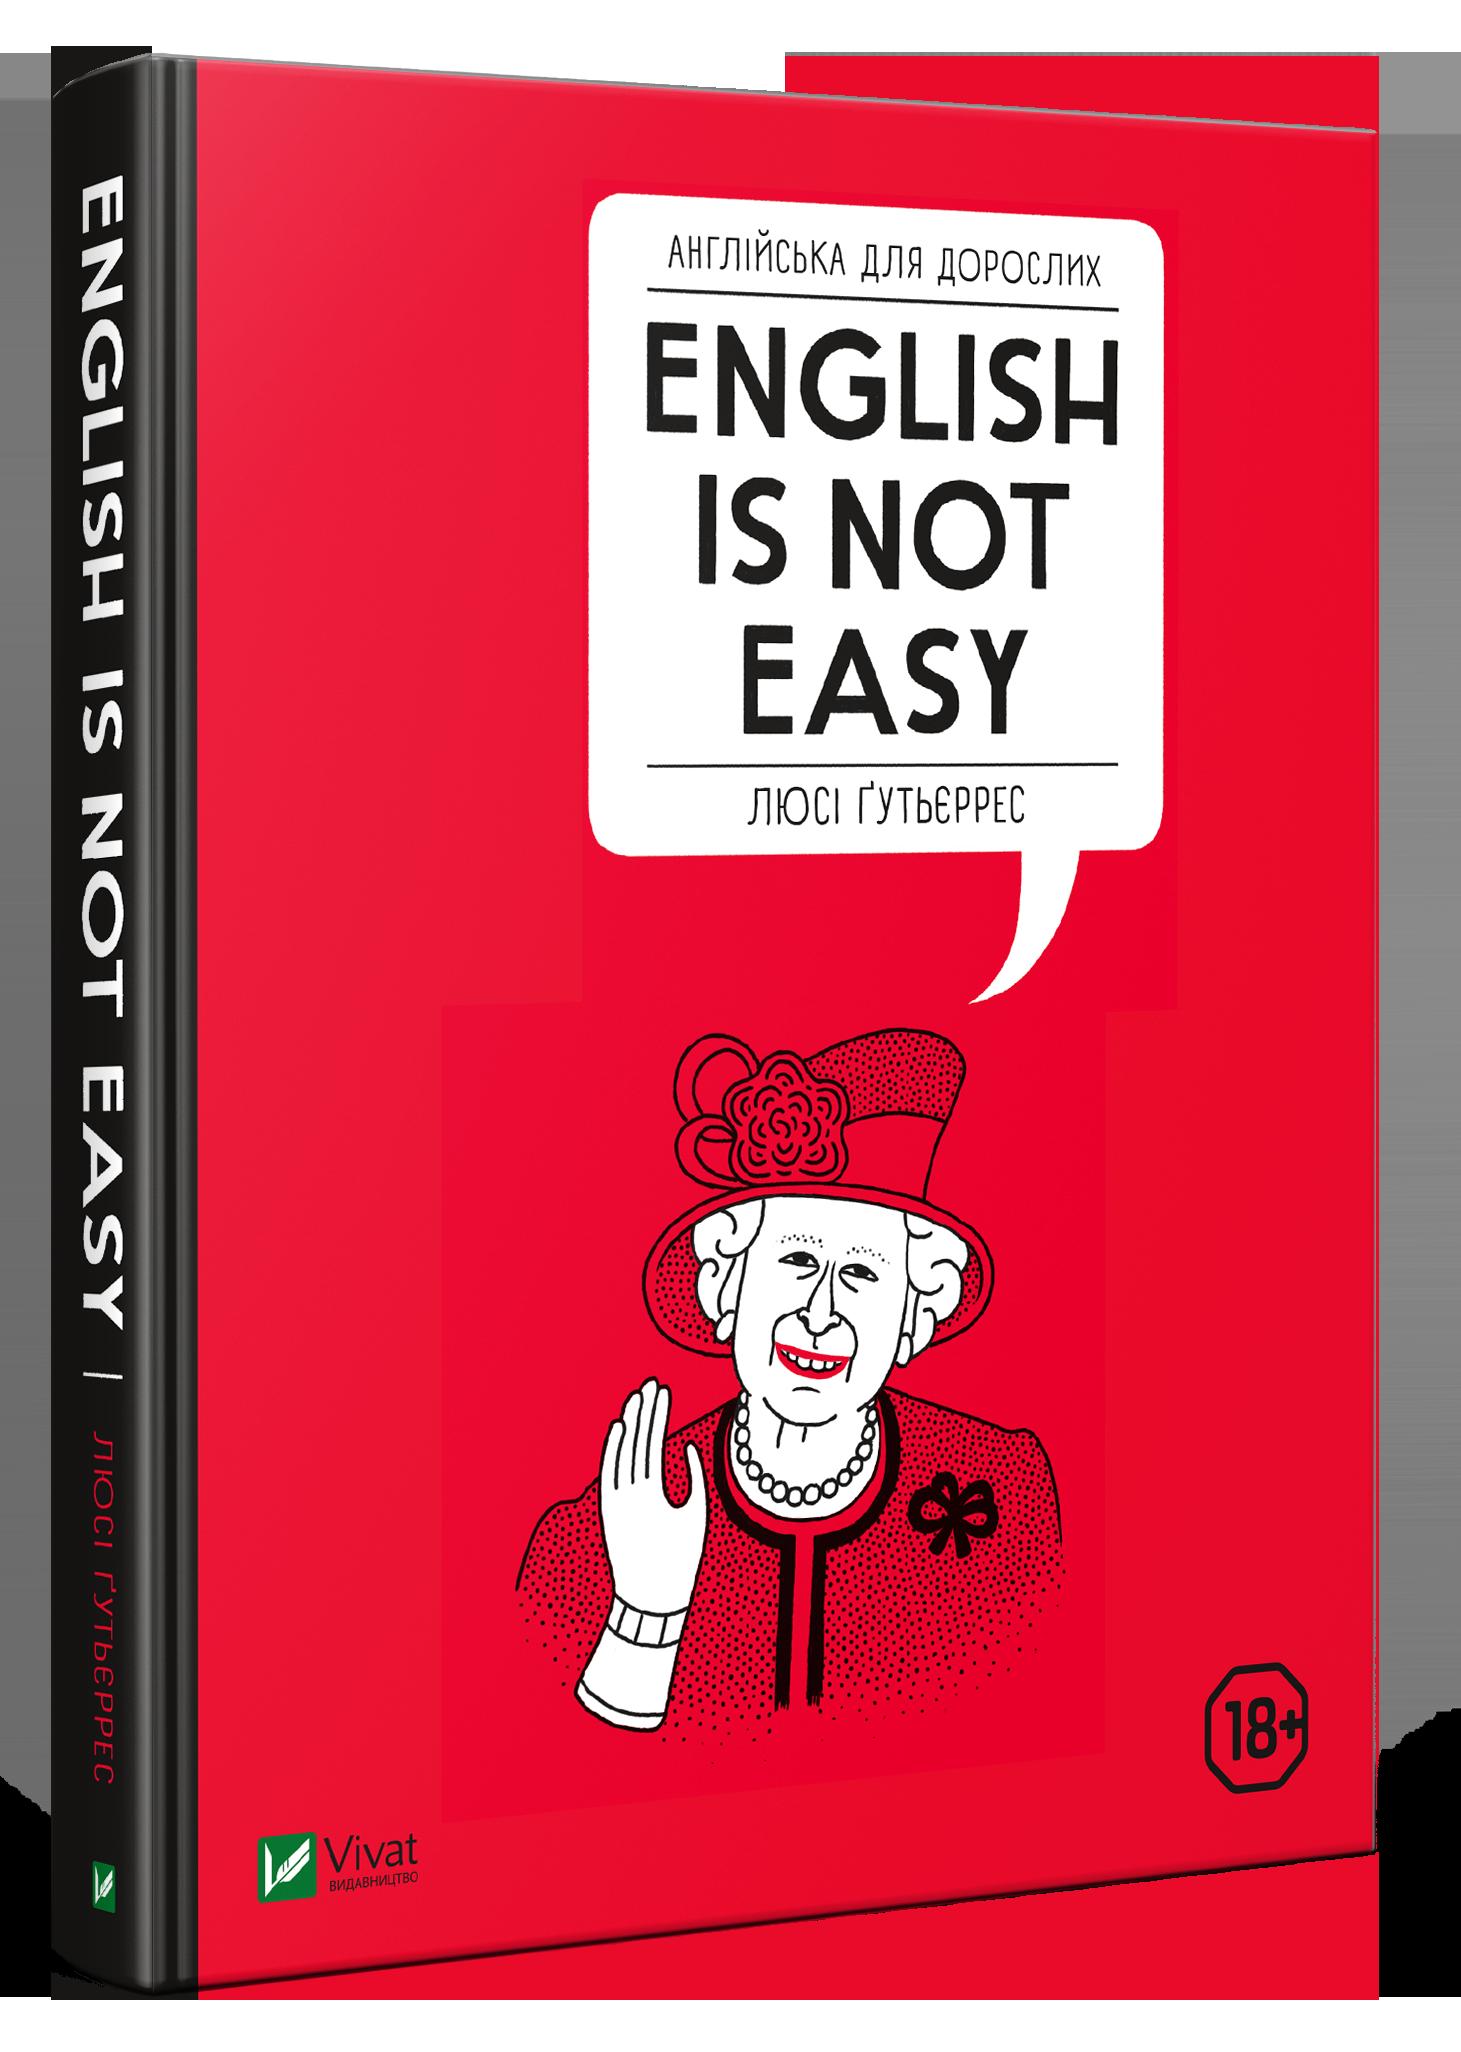 Английский для взрослых. English is not easy